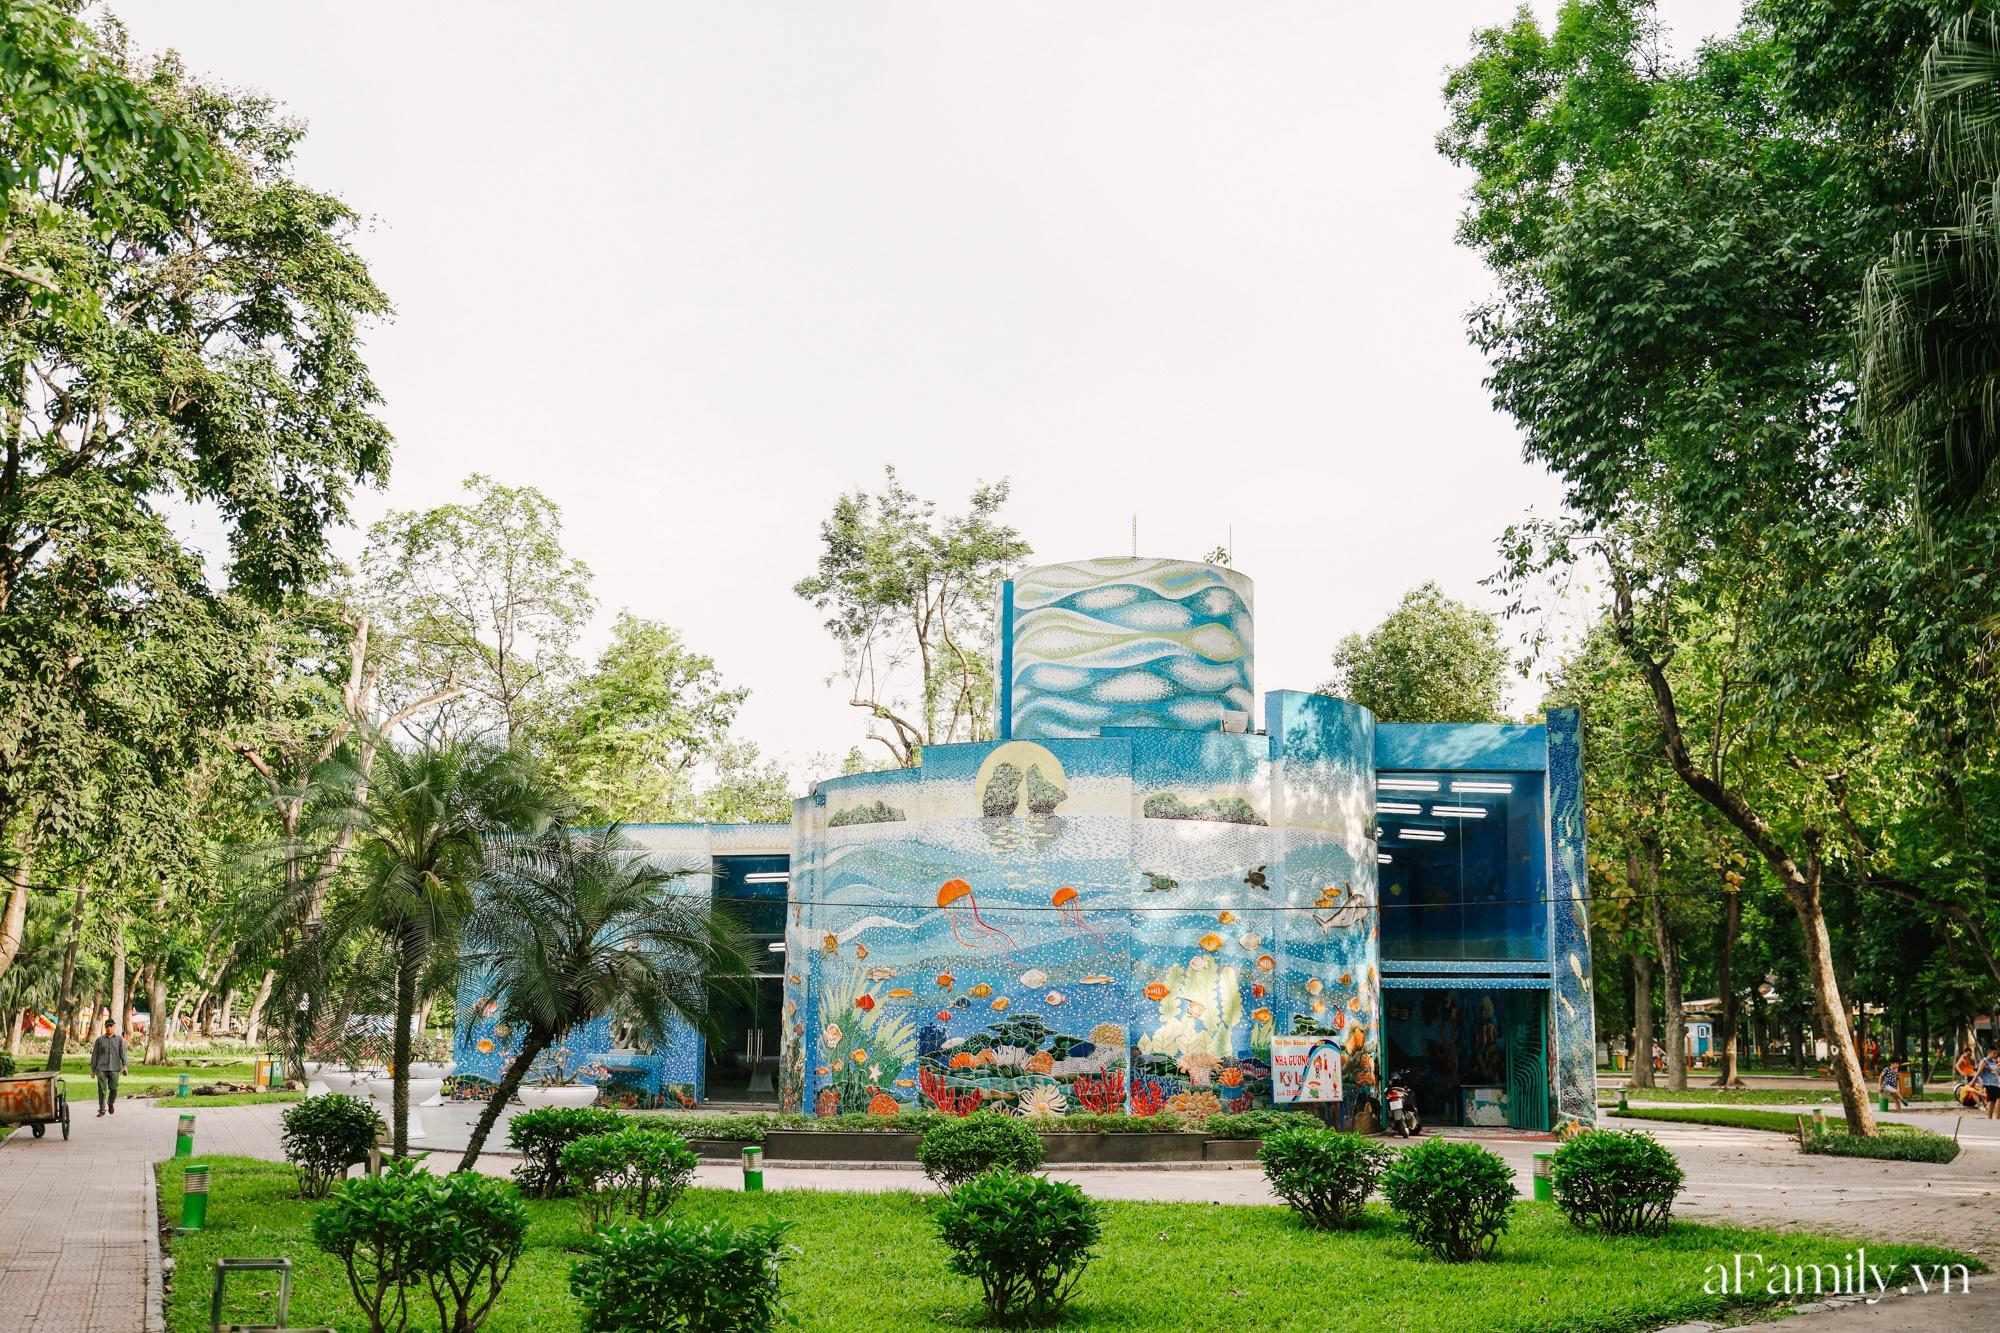 4000 đồng cho tour du lịch hè độc đáo ngay giữa thủ đô ở một công viên lâu đời vừa có đảo, vừa có rừng cây xanh, hồ cá trong lành - Ảnh 19.